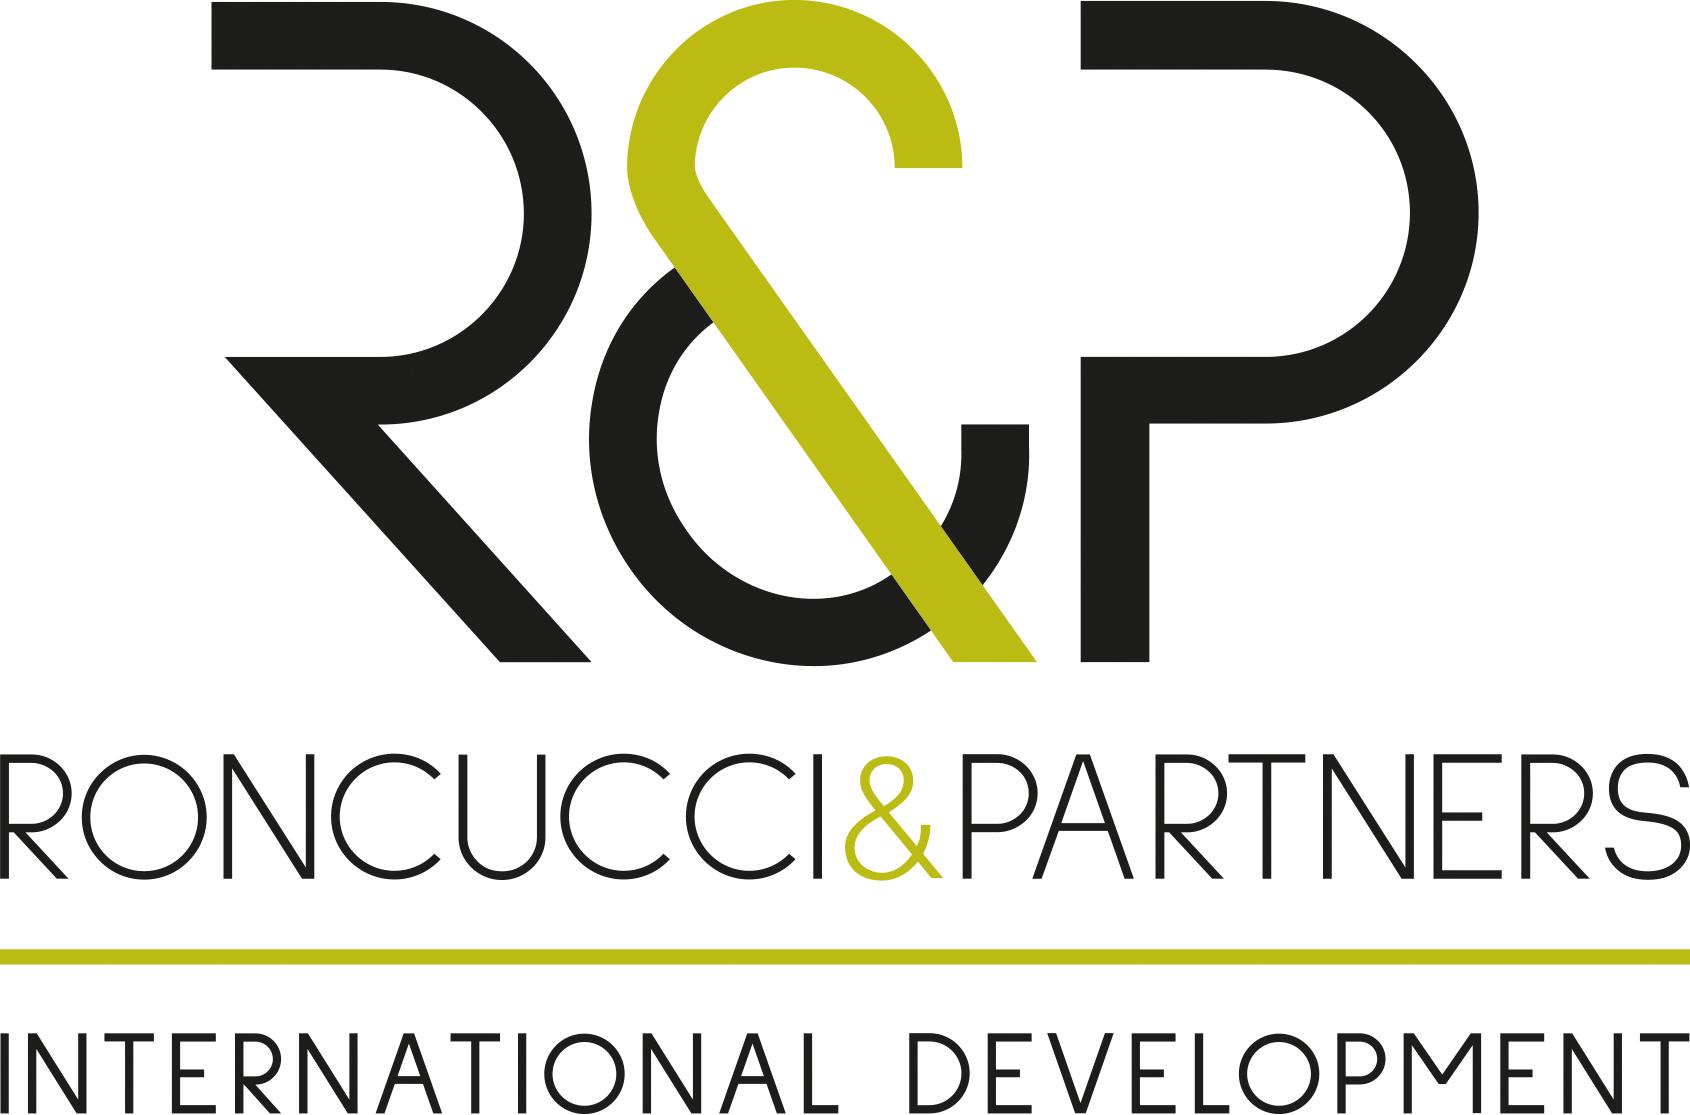 Roncucci&Partners Balkans doo